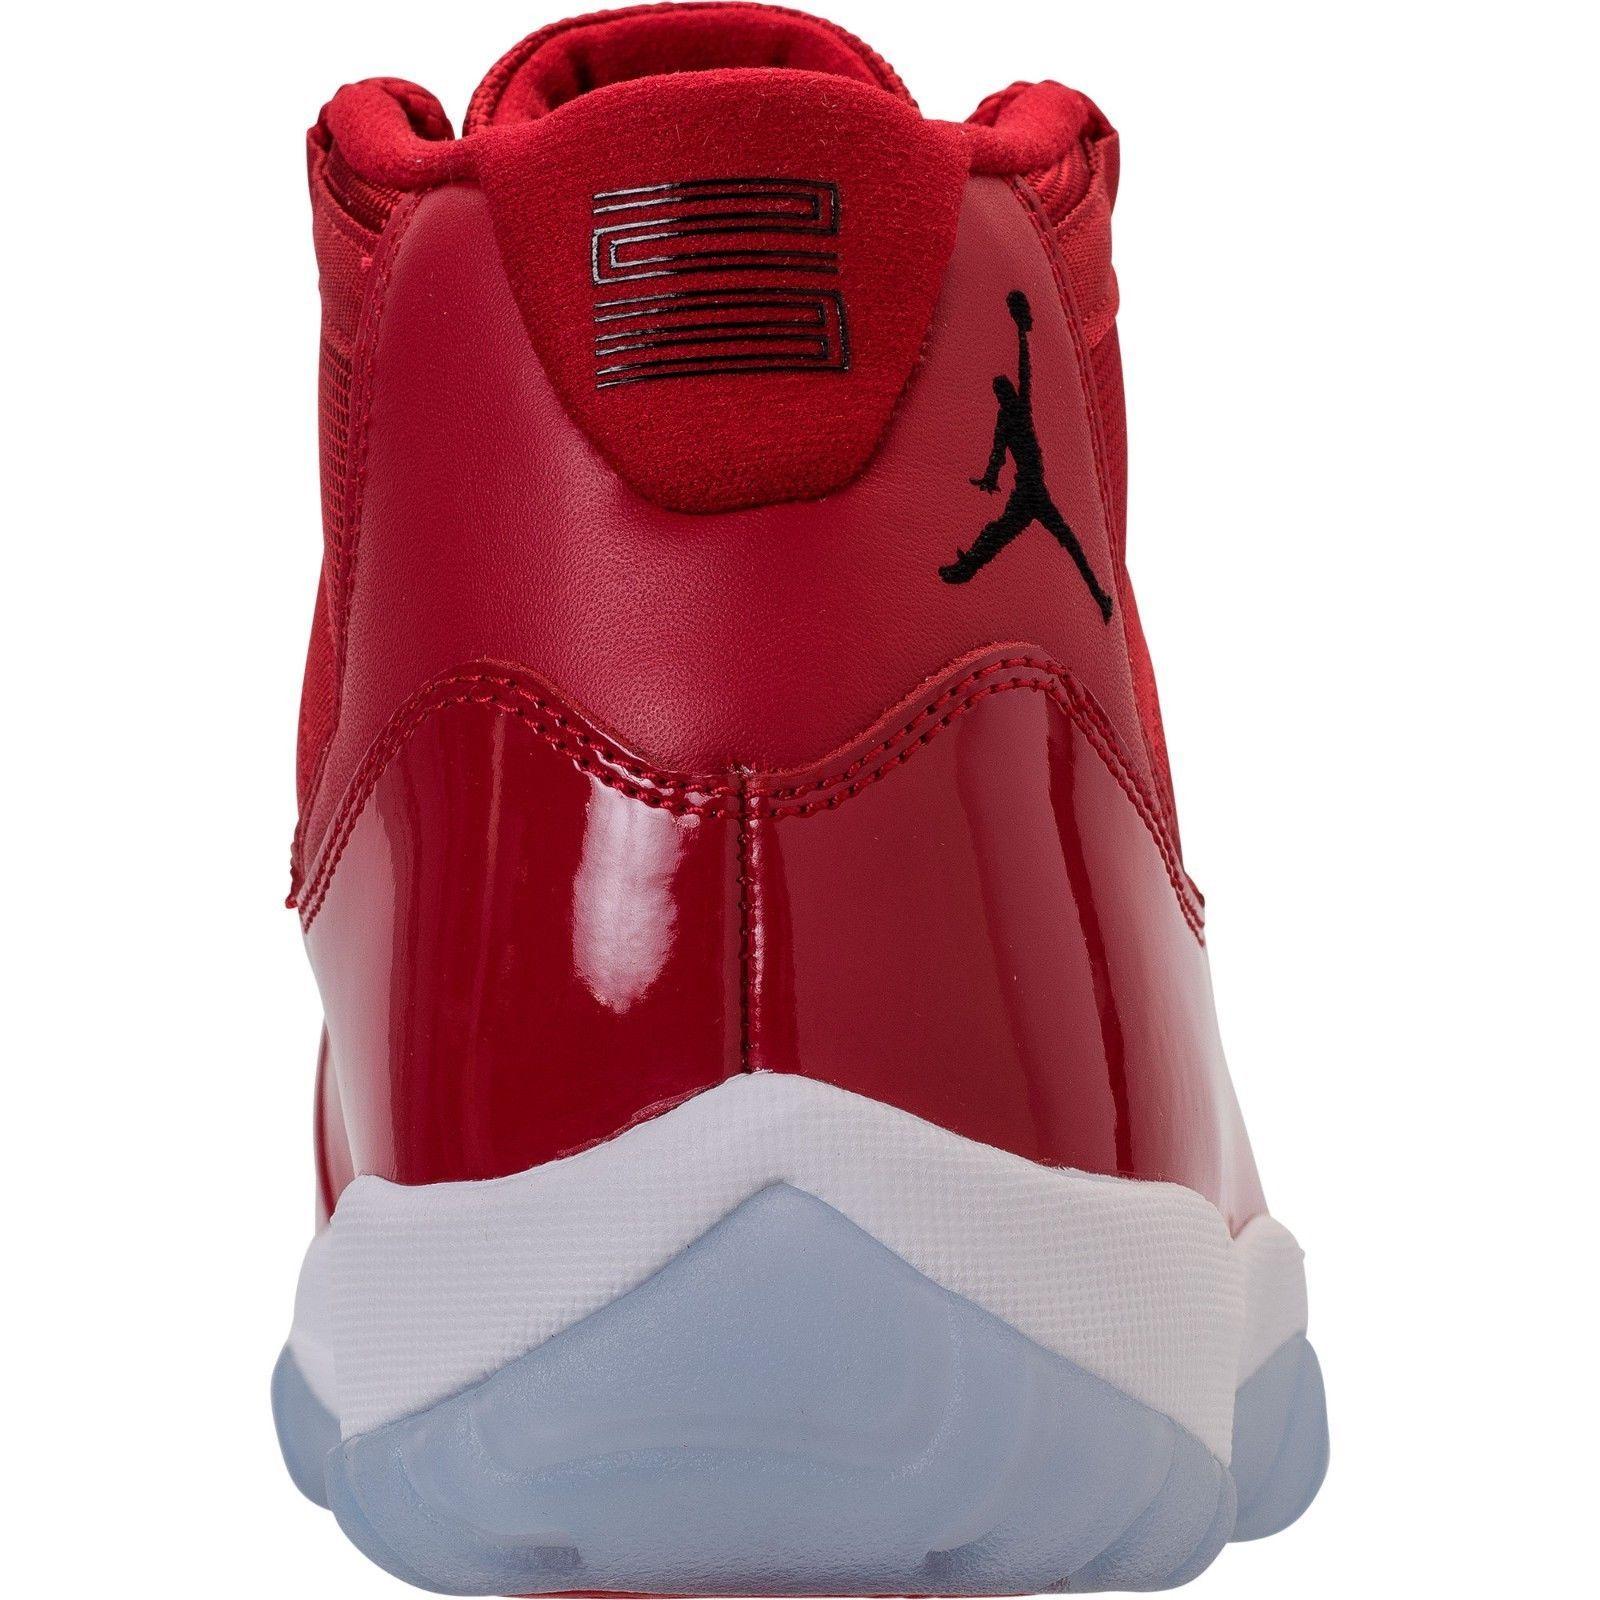 fa44d93fb323cf nike air jordan 11 win like 96 red release date 378037 623 buy new ...